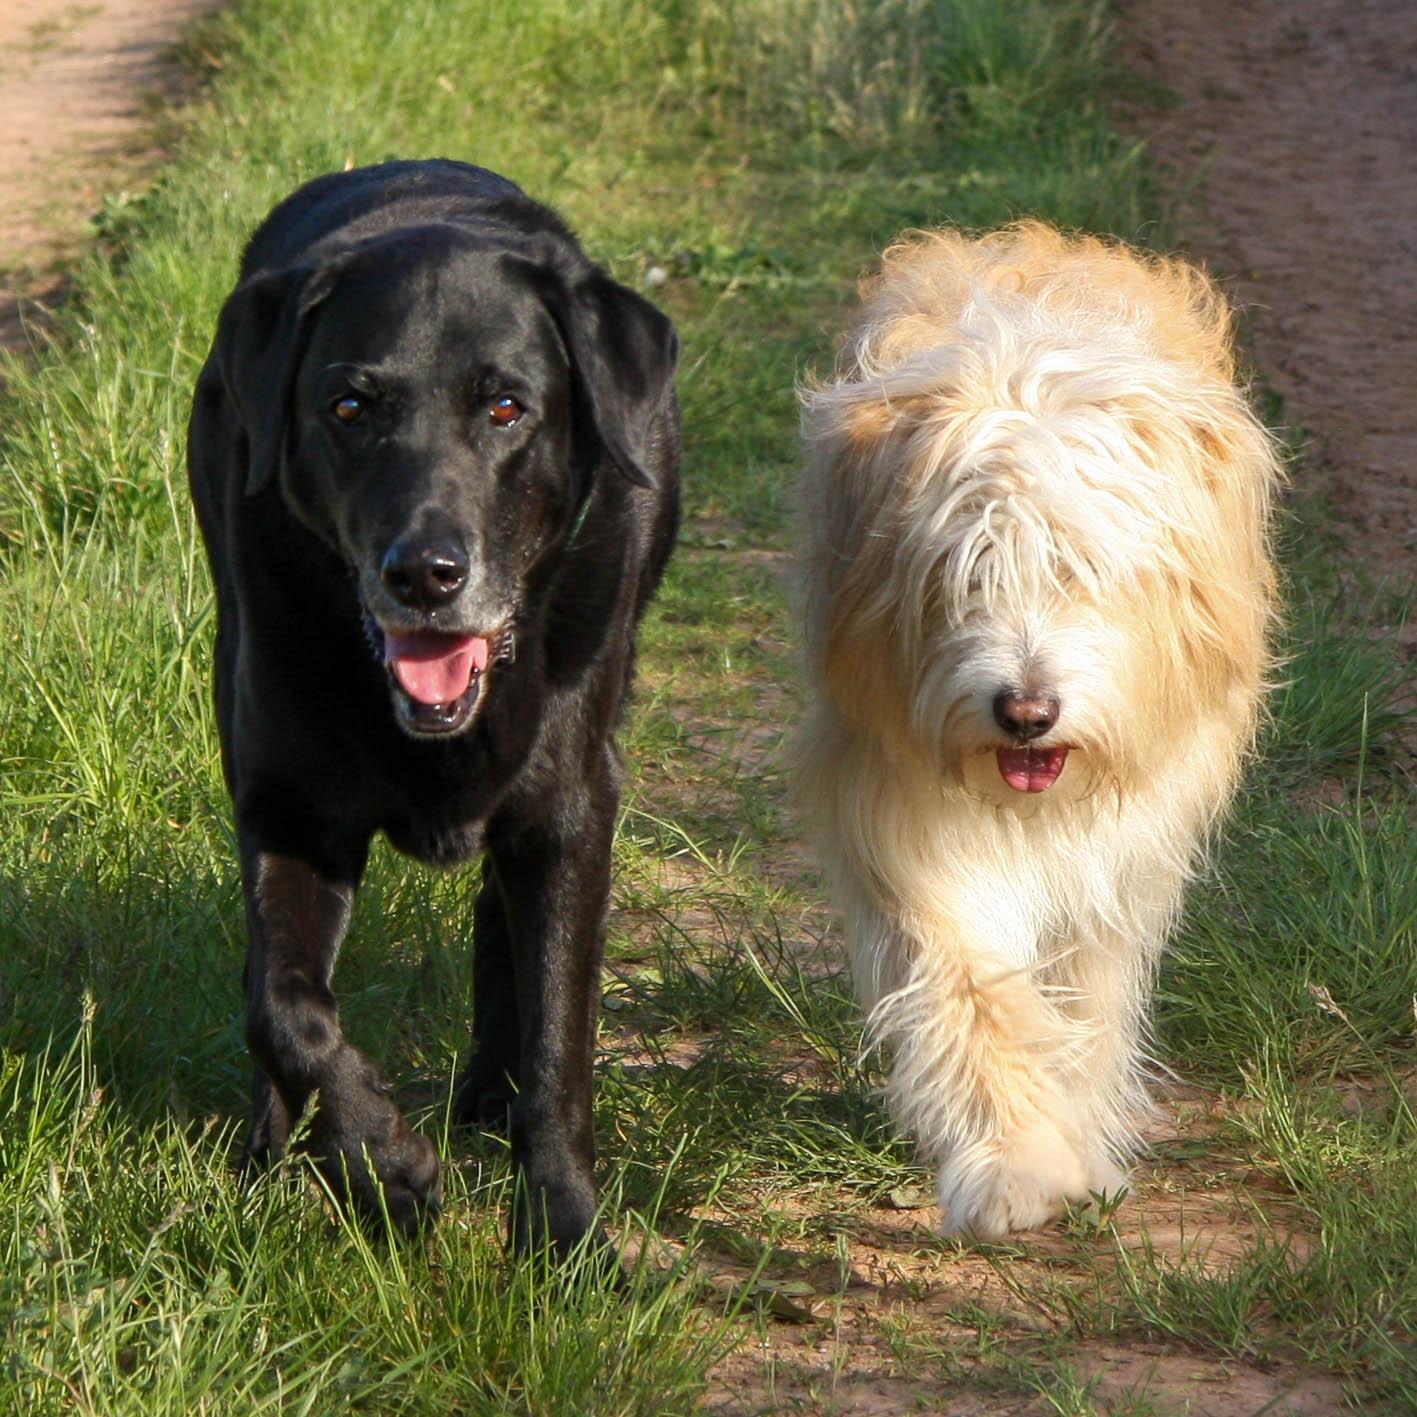 Labrador und Schafspudel gehen nebeneinander spazieren